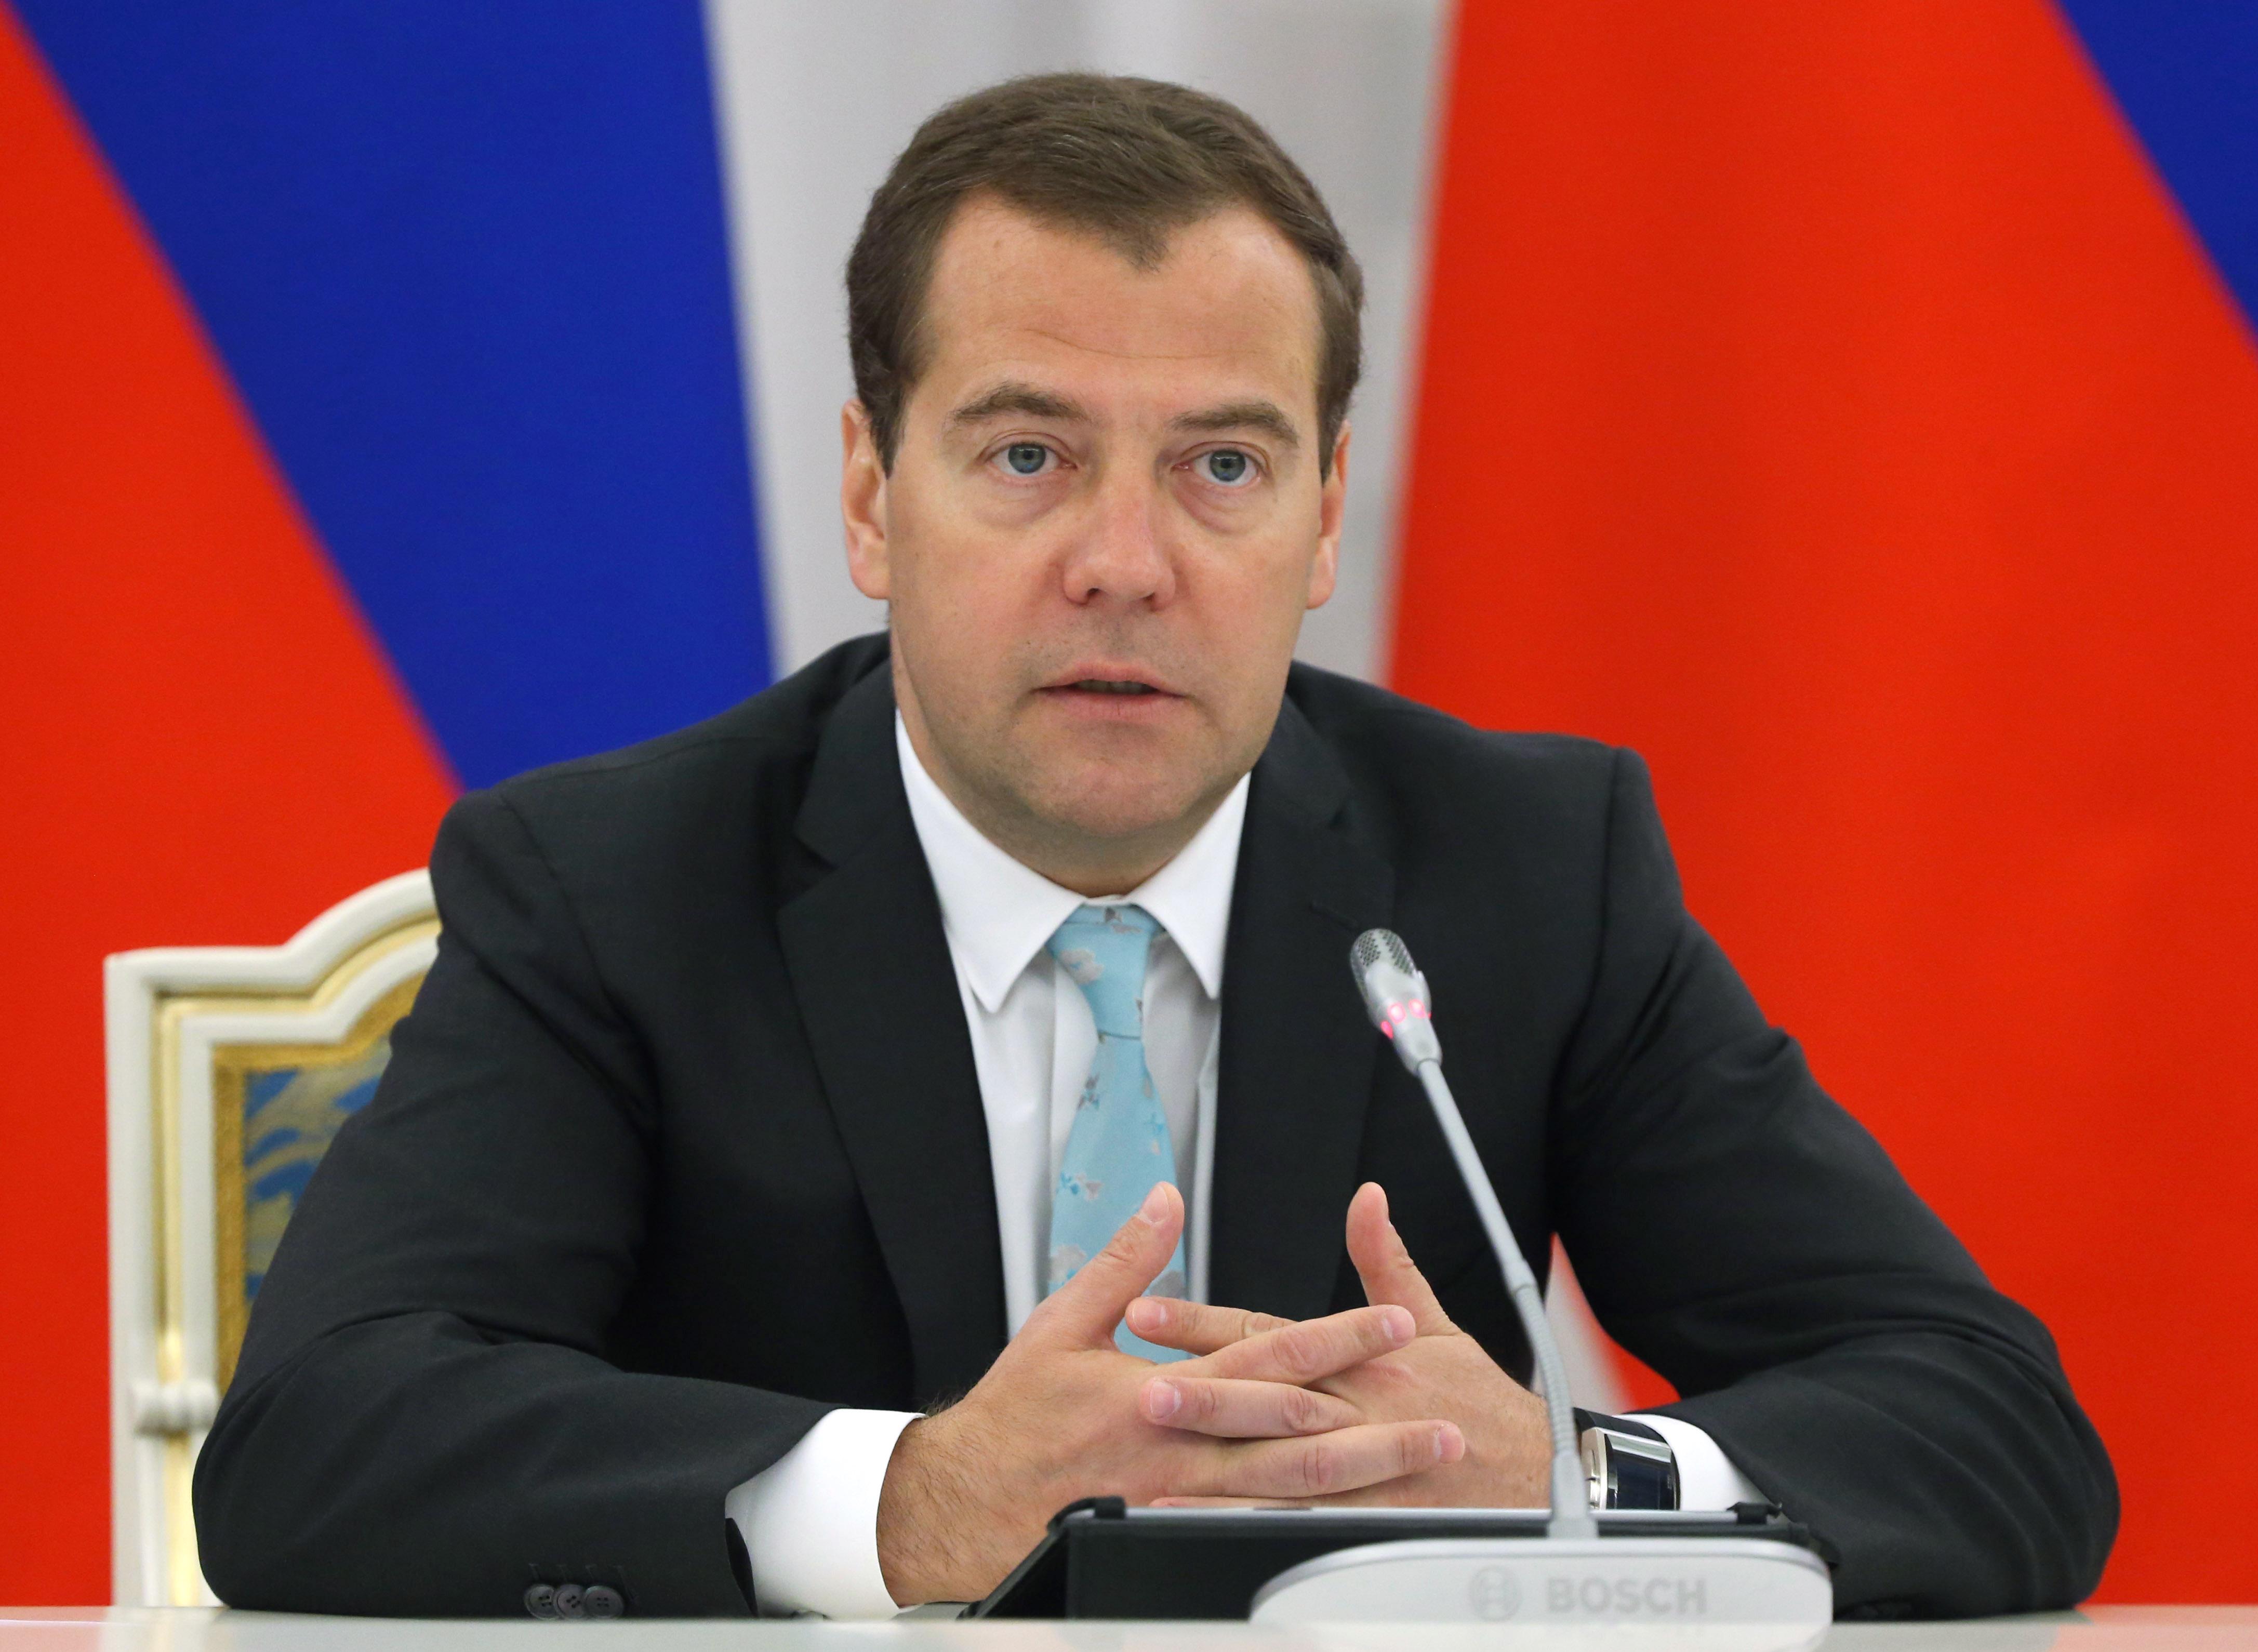 Дмитрий Медведев на совещании президиума Совета при президенте по реализации приоритетных нацпроектов